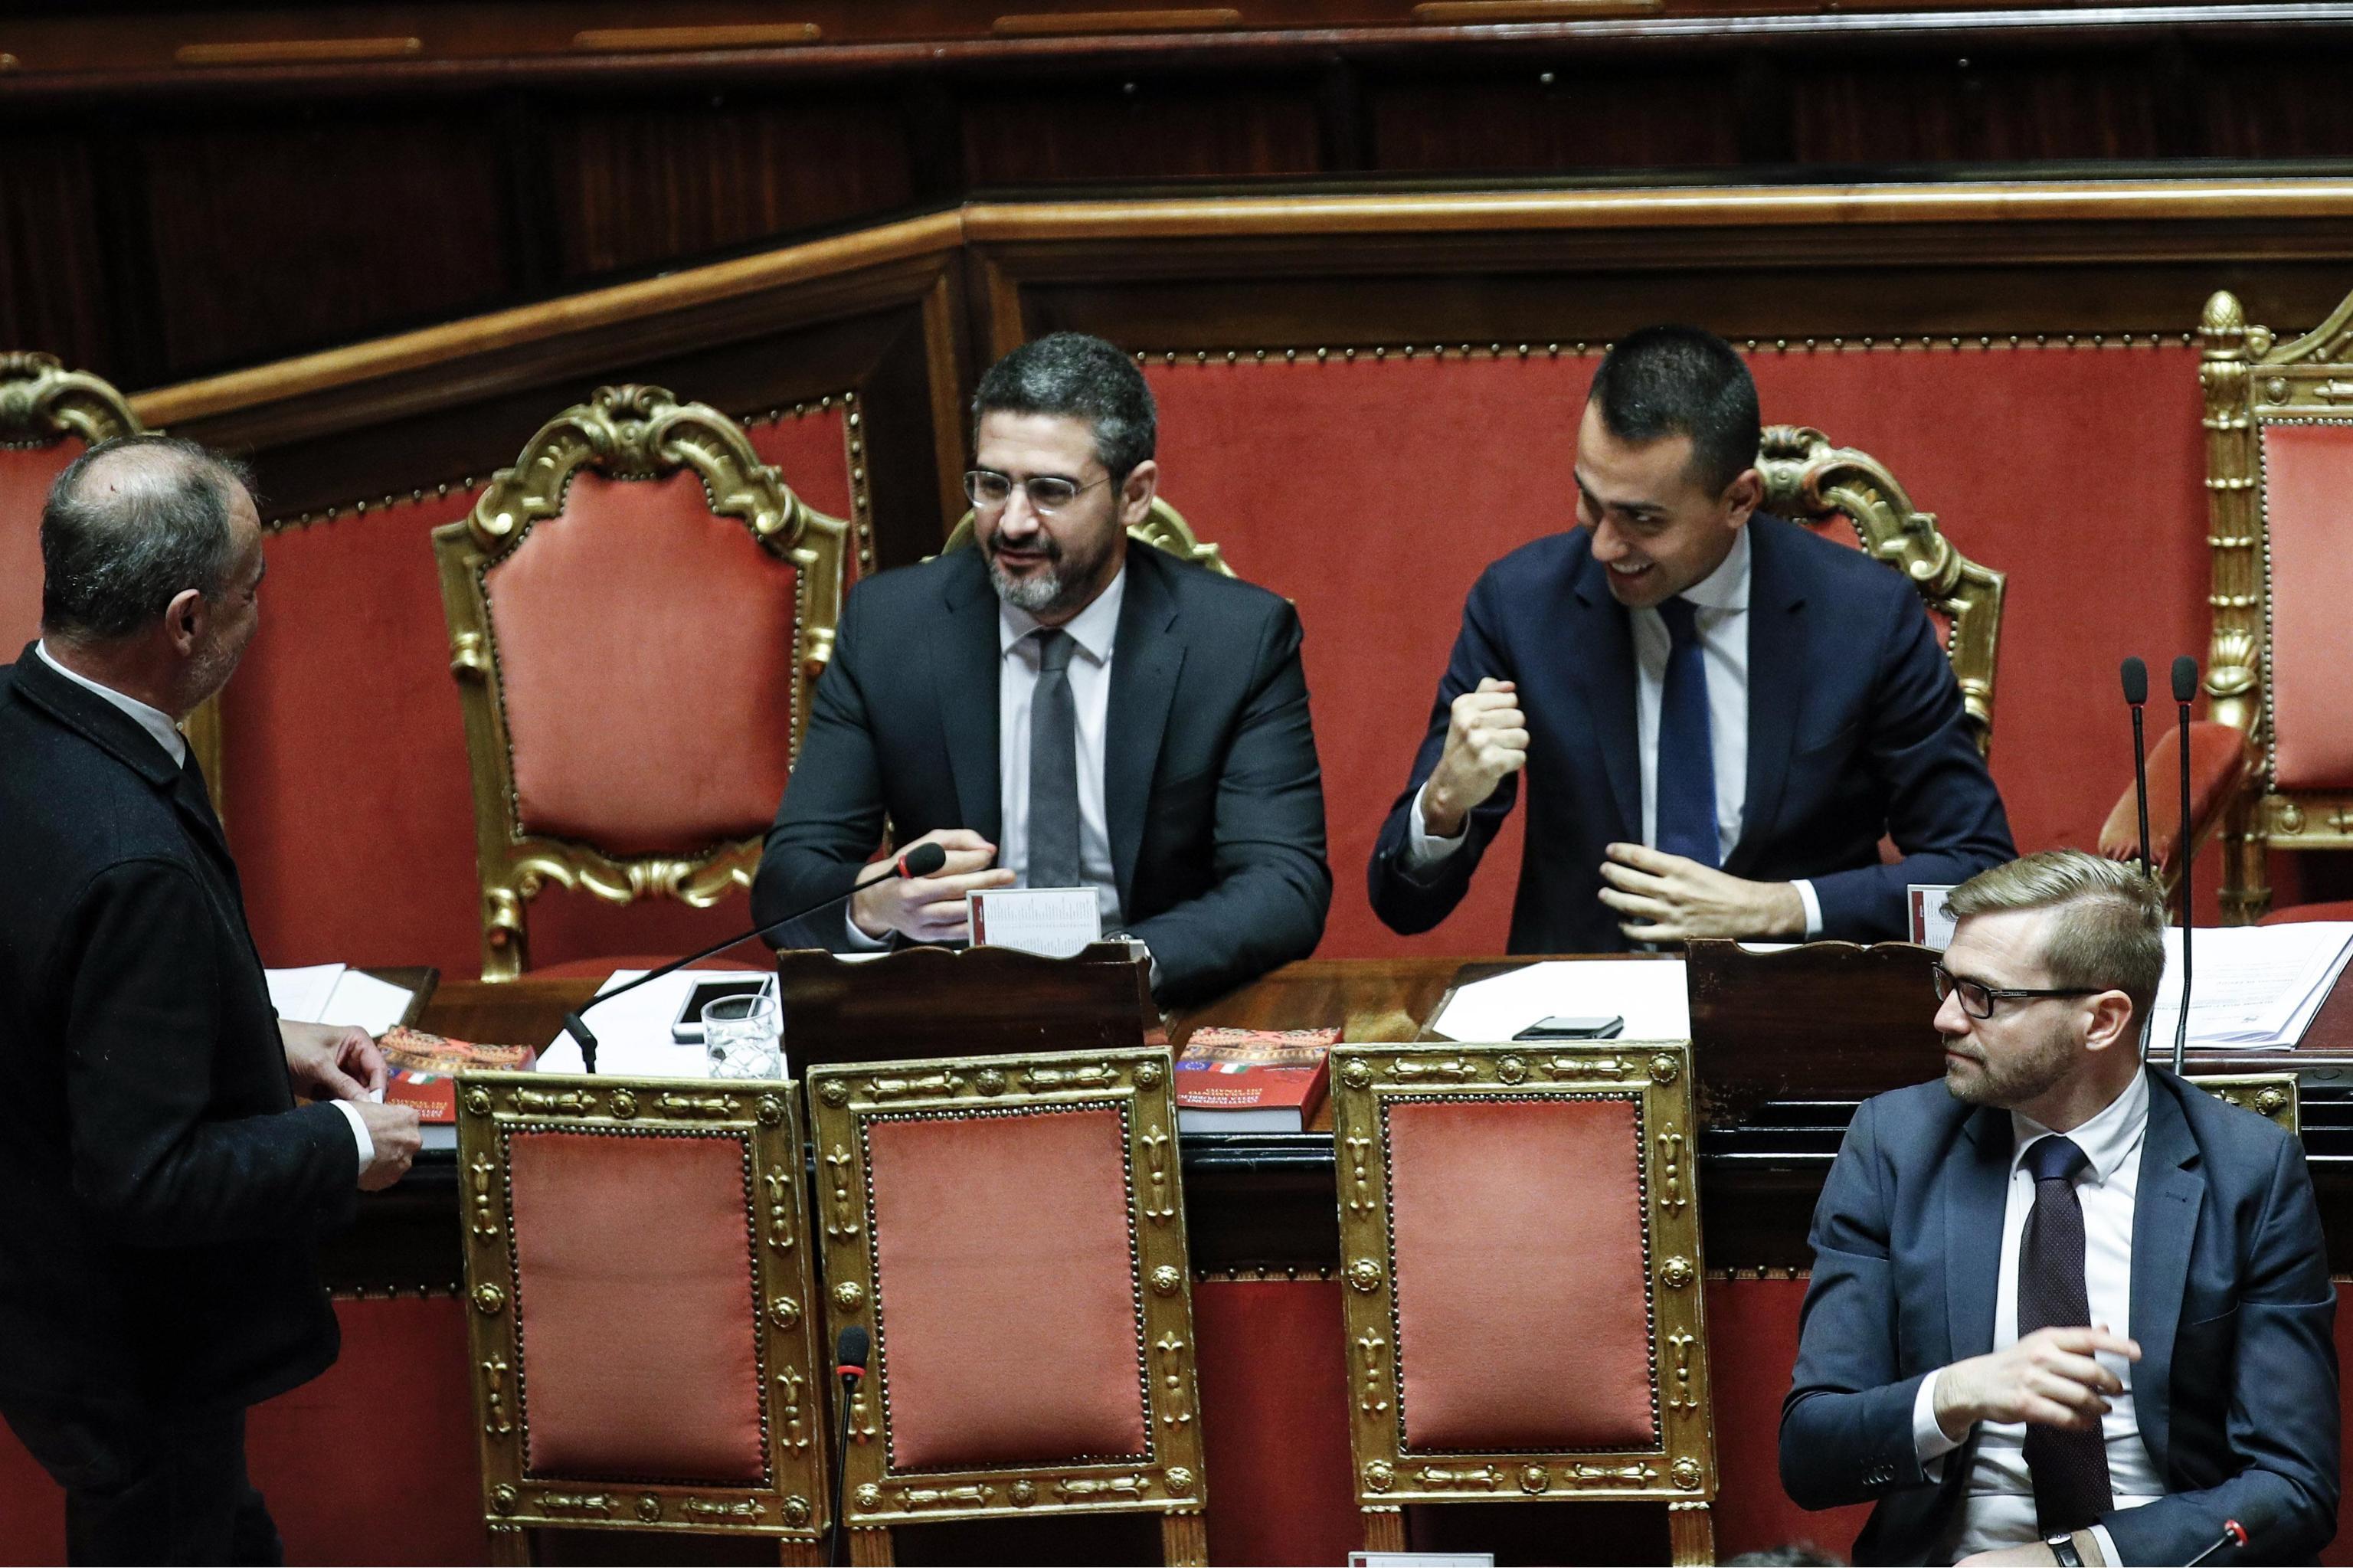 Taglio dei parlamentari, primo sì in Senato: esulta Luigi Di Maio